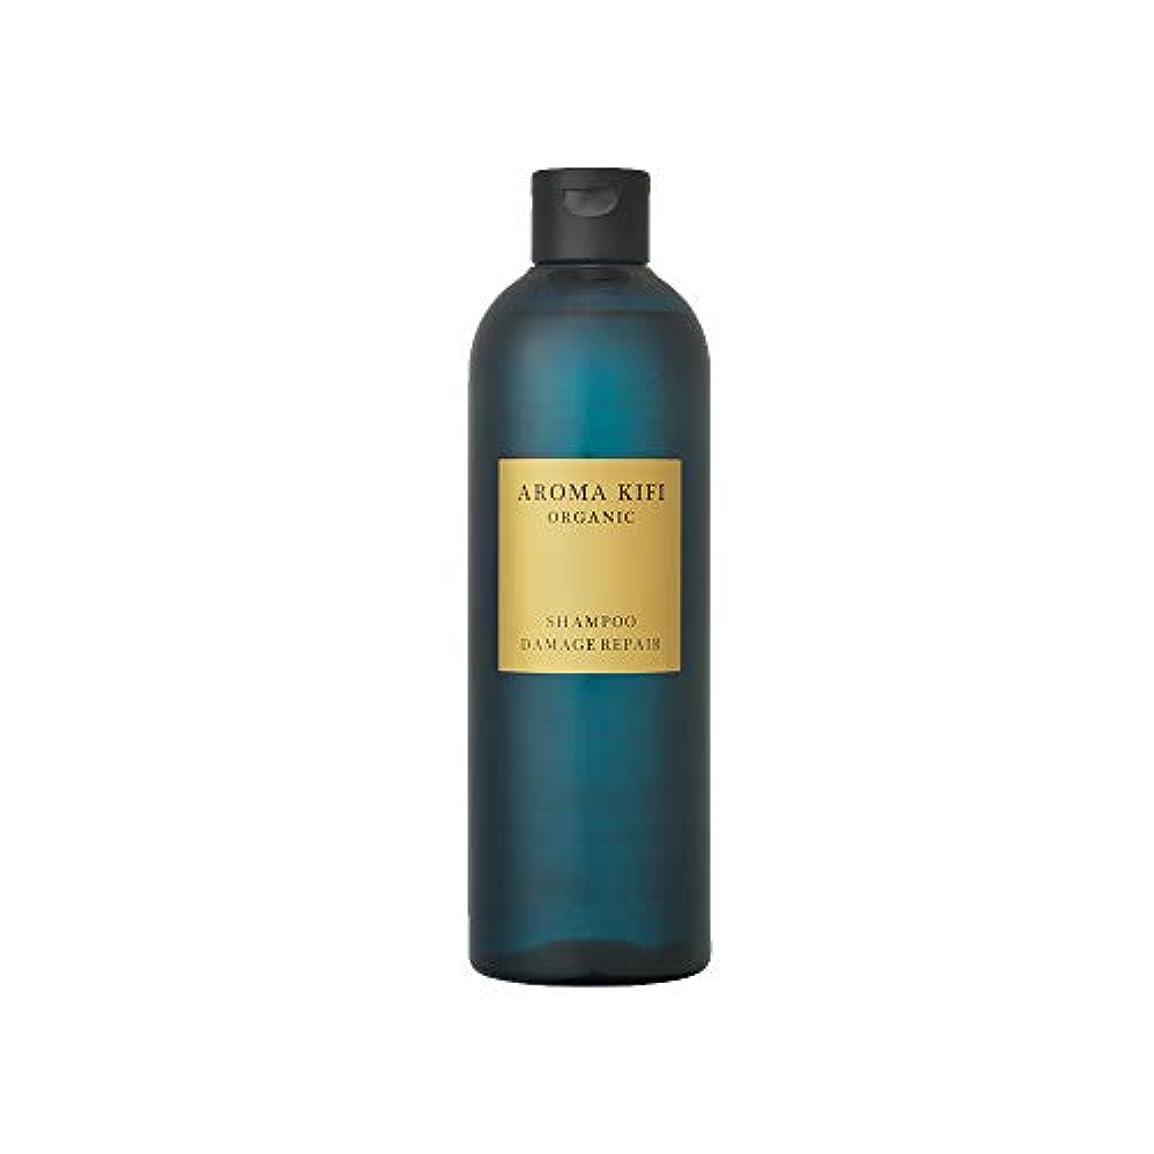 距離繊細病気だと思うアロマキフィ オーガニック シャンプー 480ml 【ダメージリペア】サロン品質 ノンシリコン 無添加 アロマティックローズの香り